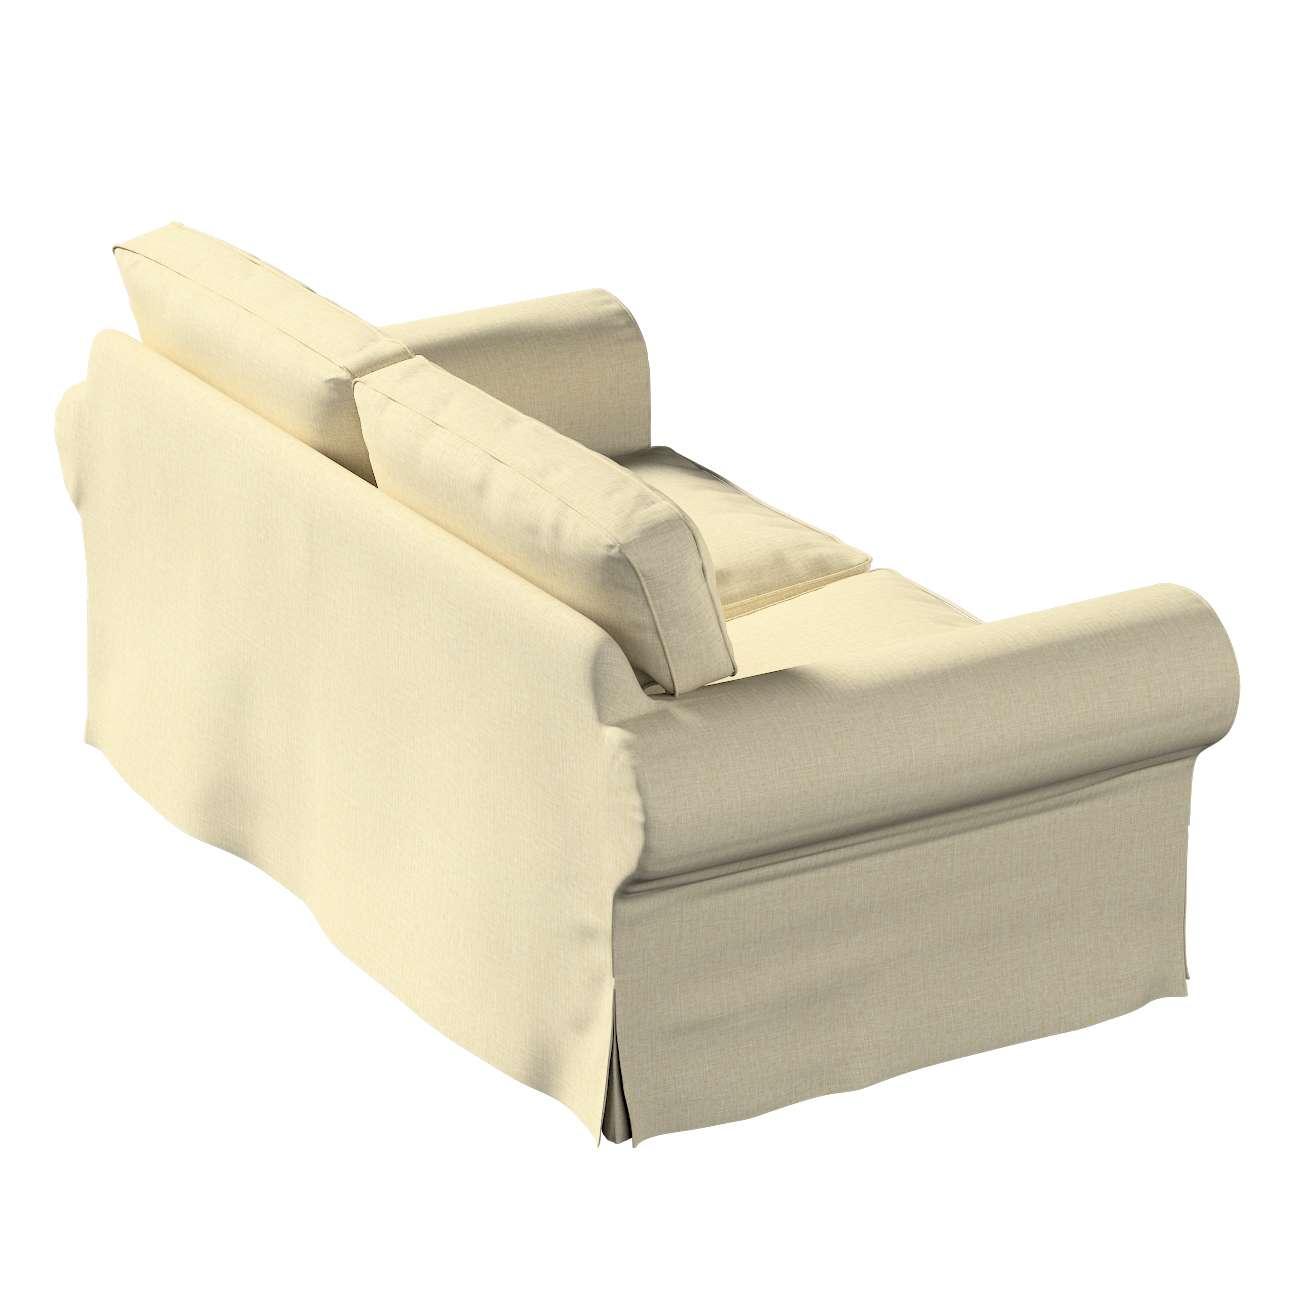 Pokrowiec na sofę Ektorp 2-osobową rozkładaną, model po 2012 w kolekcji Living, tkanina: 161-45